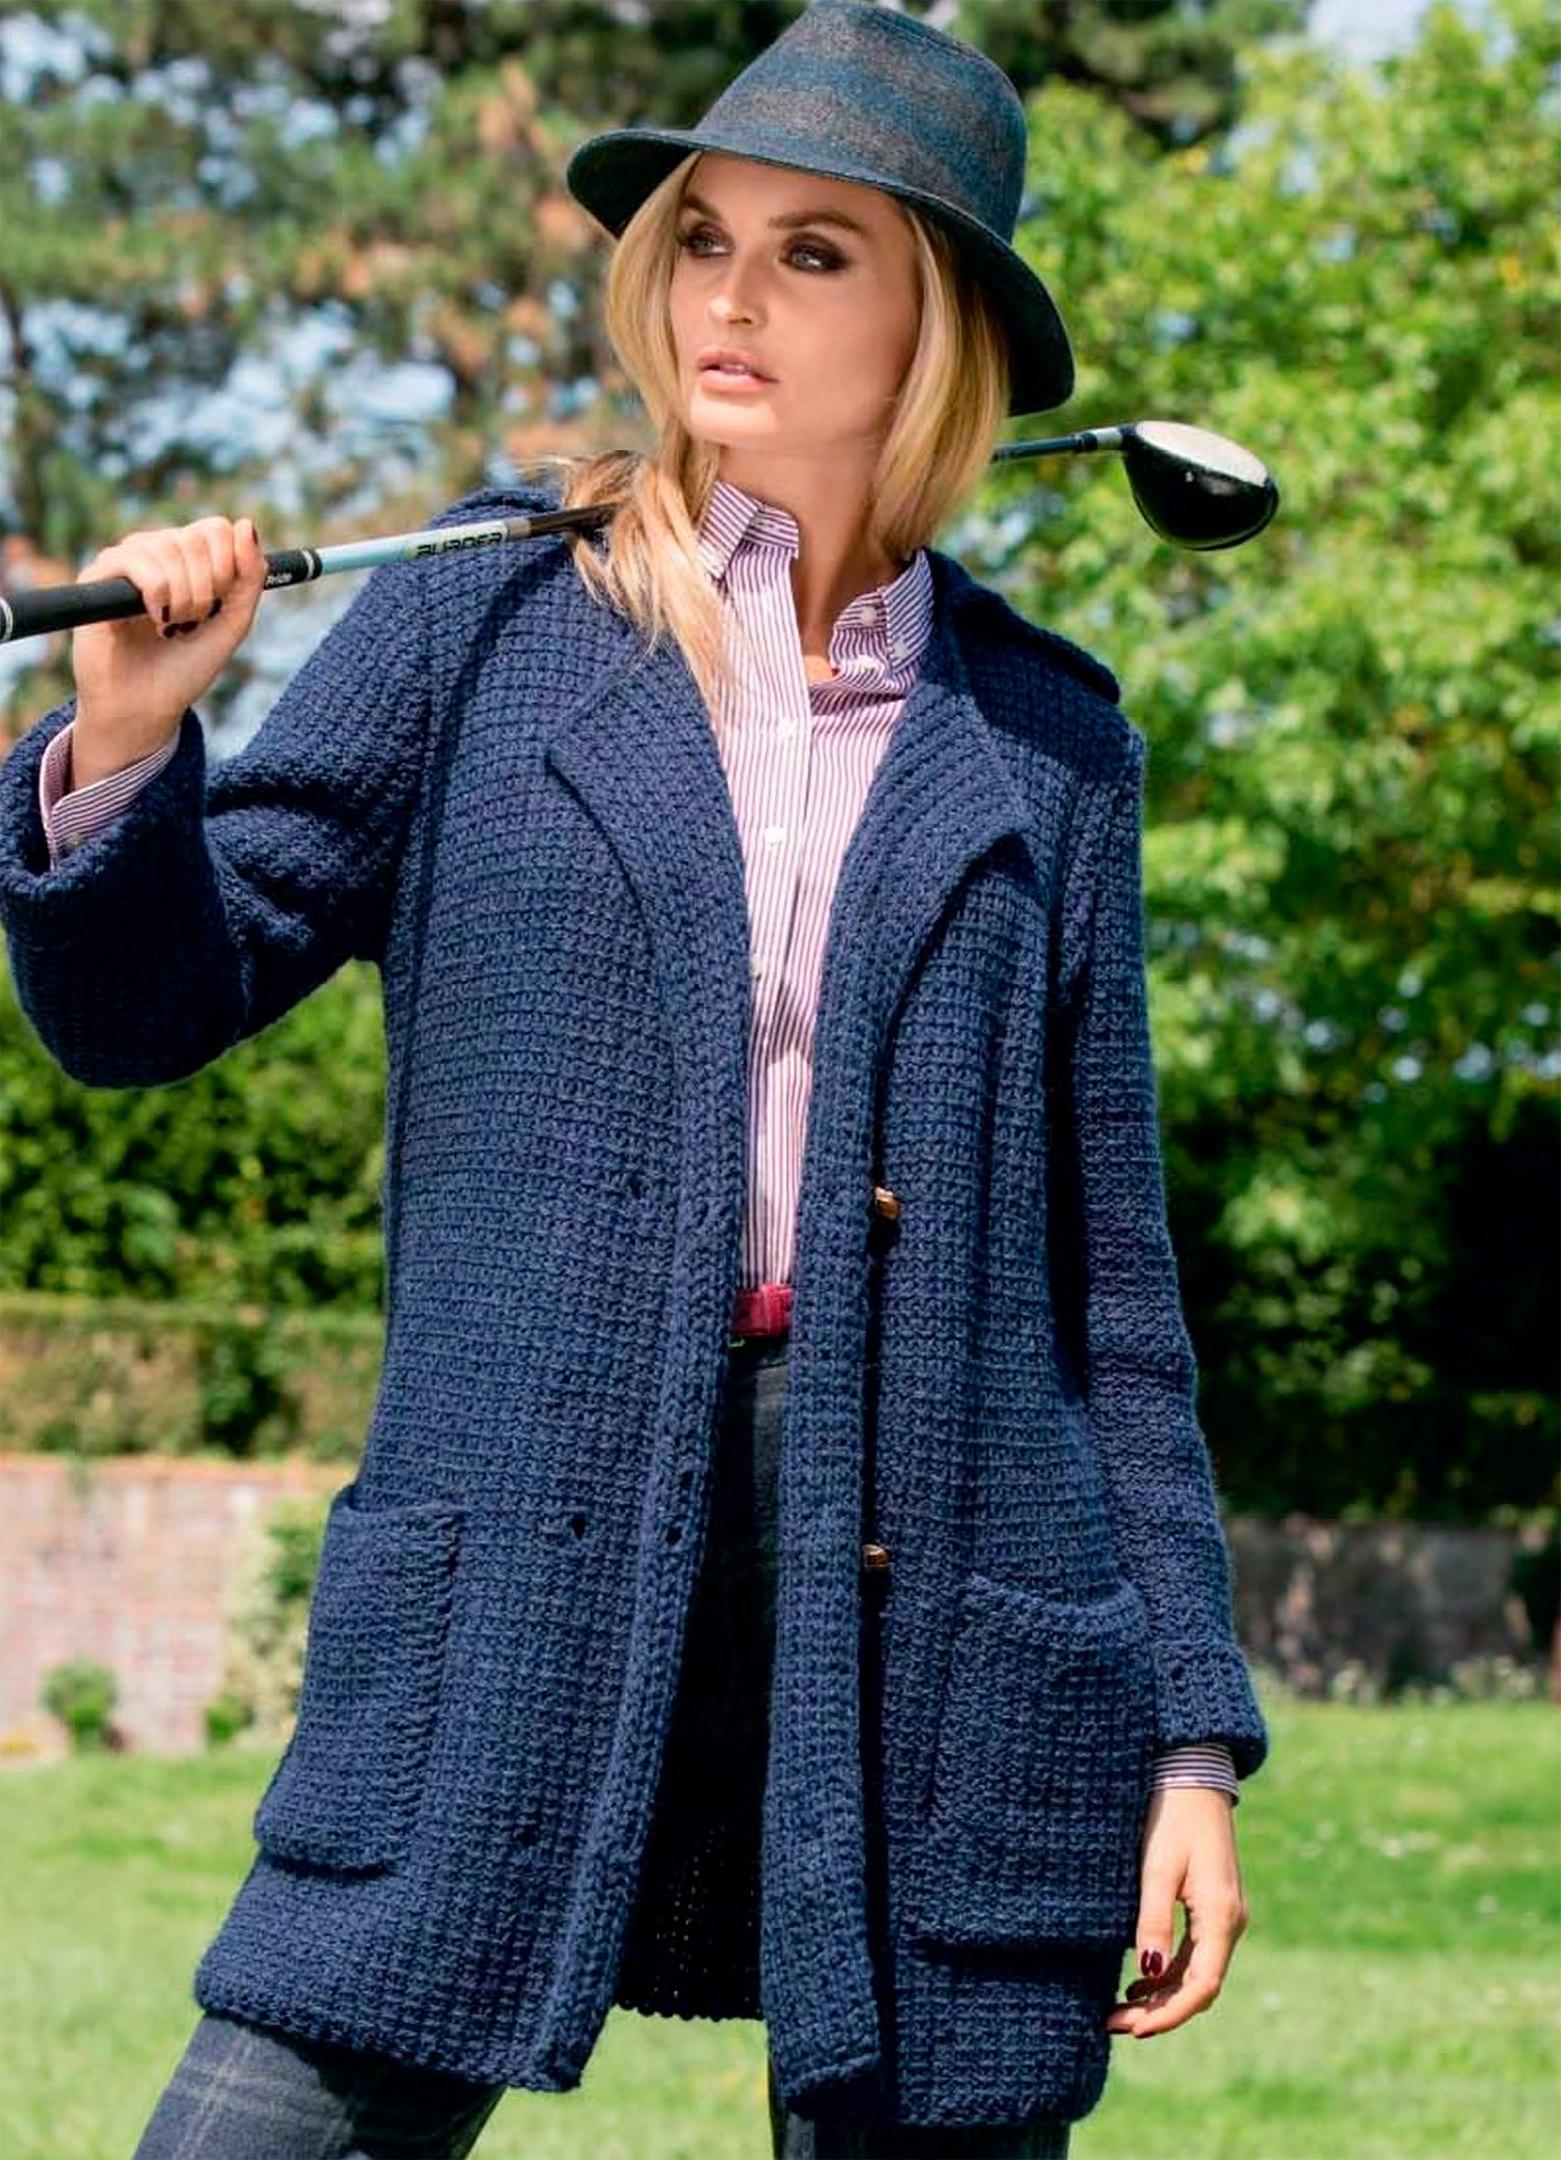 Кардиган свободного кроя - Baggy sweater - Modnoe Vyazanie m 86